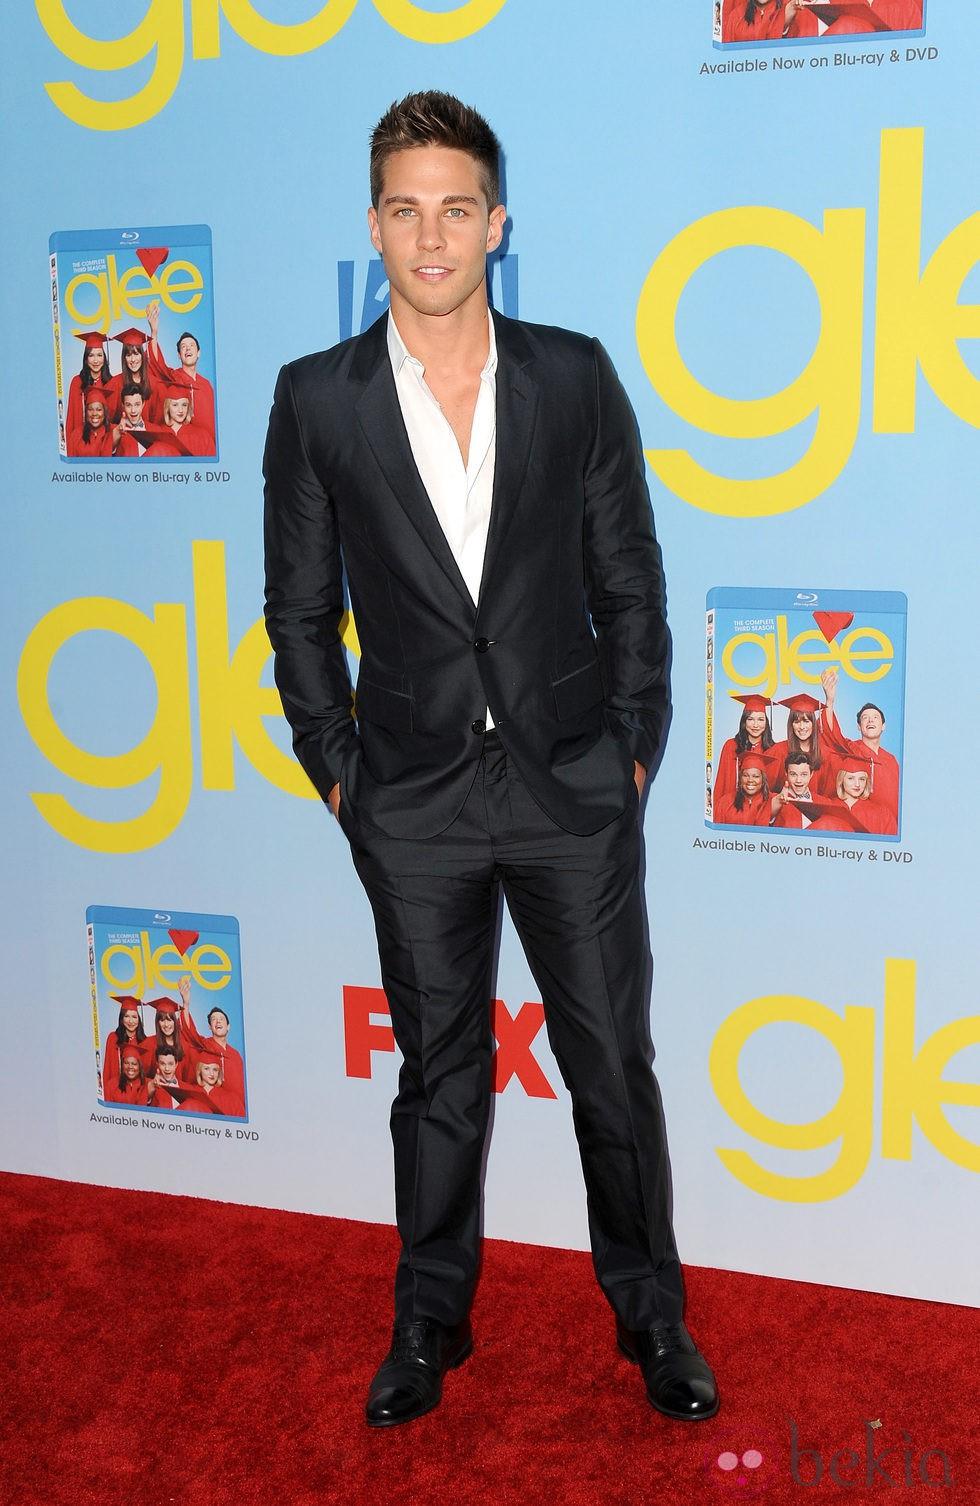 Dean Geyer presenta la cuarta temporada de 'Glee'